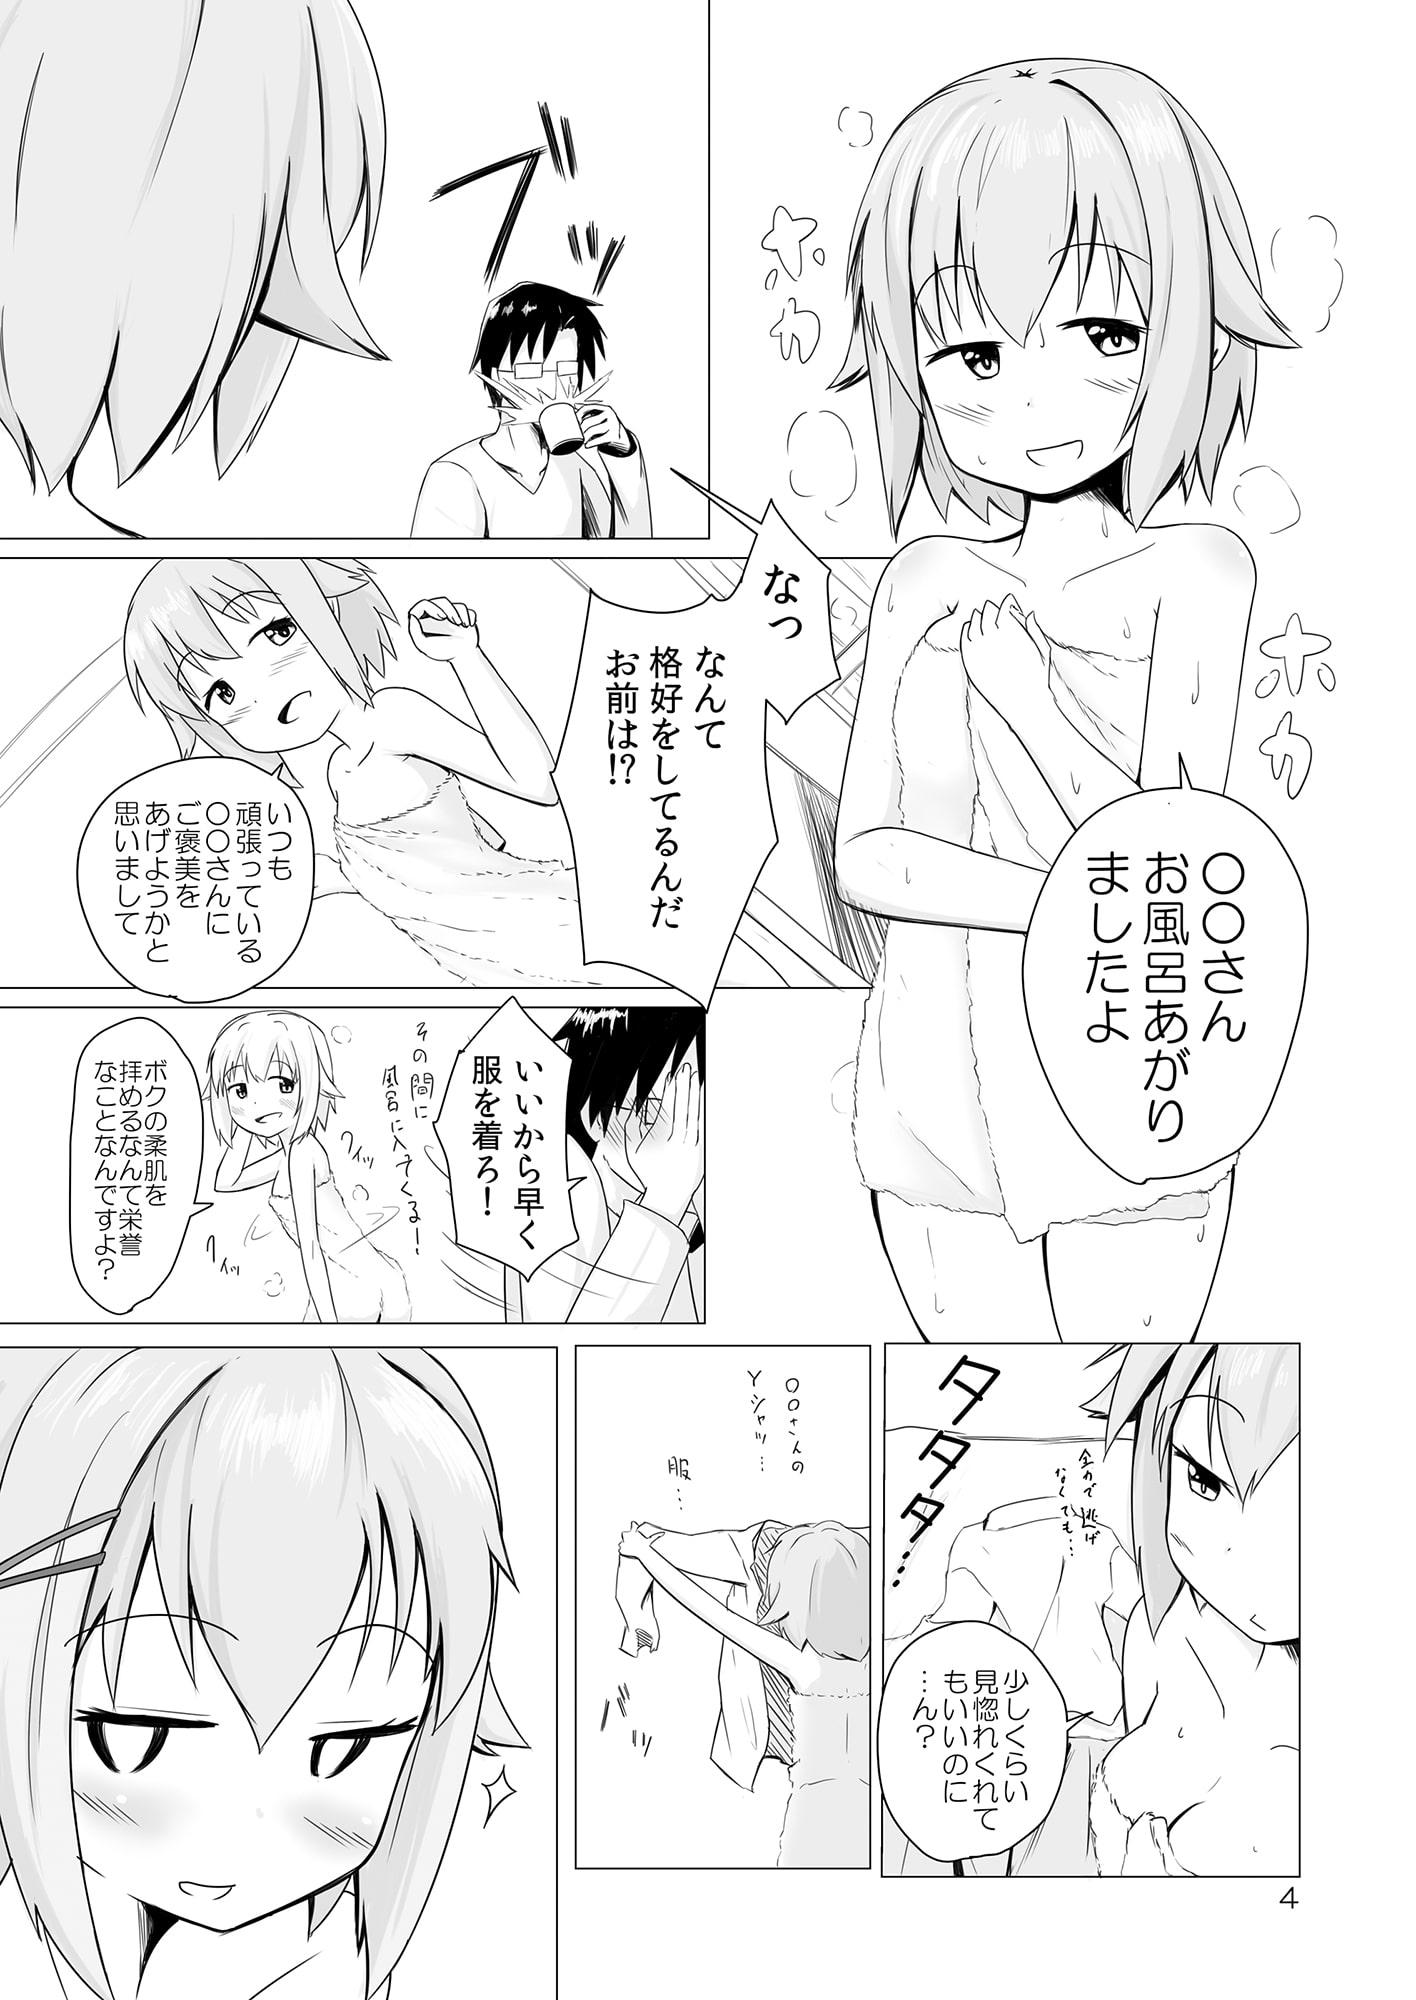 幸子 in my room